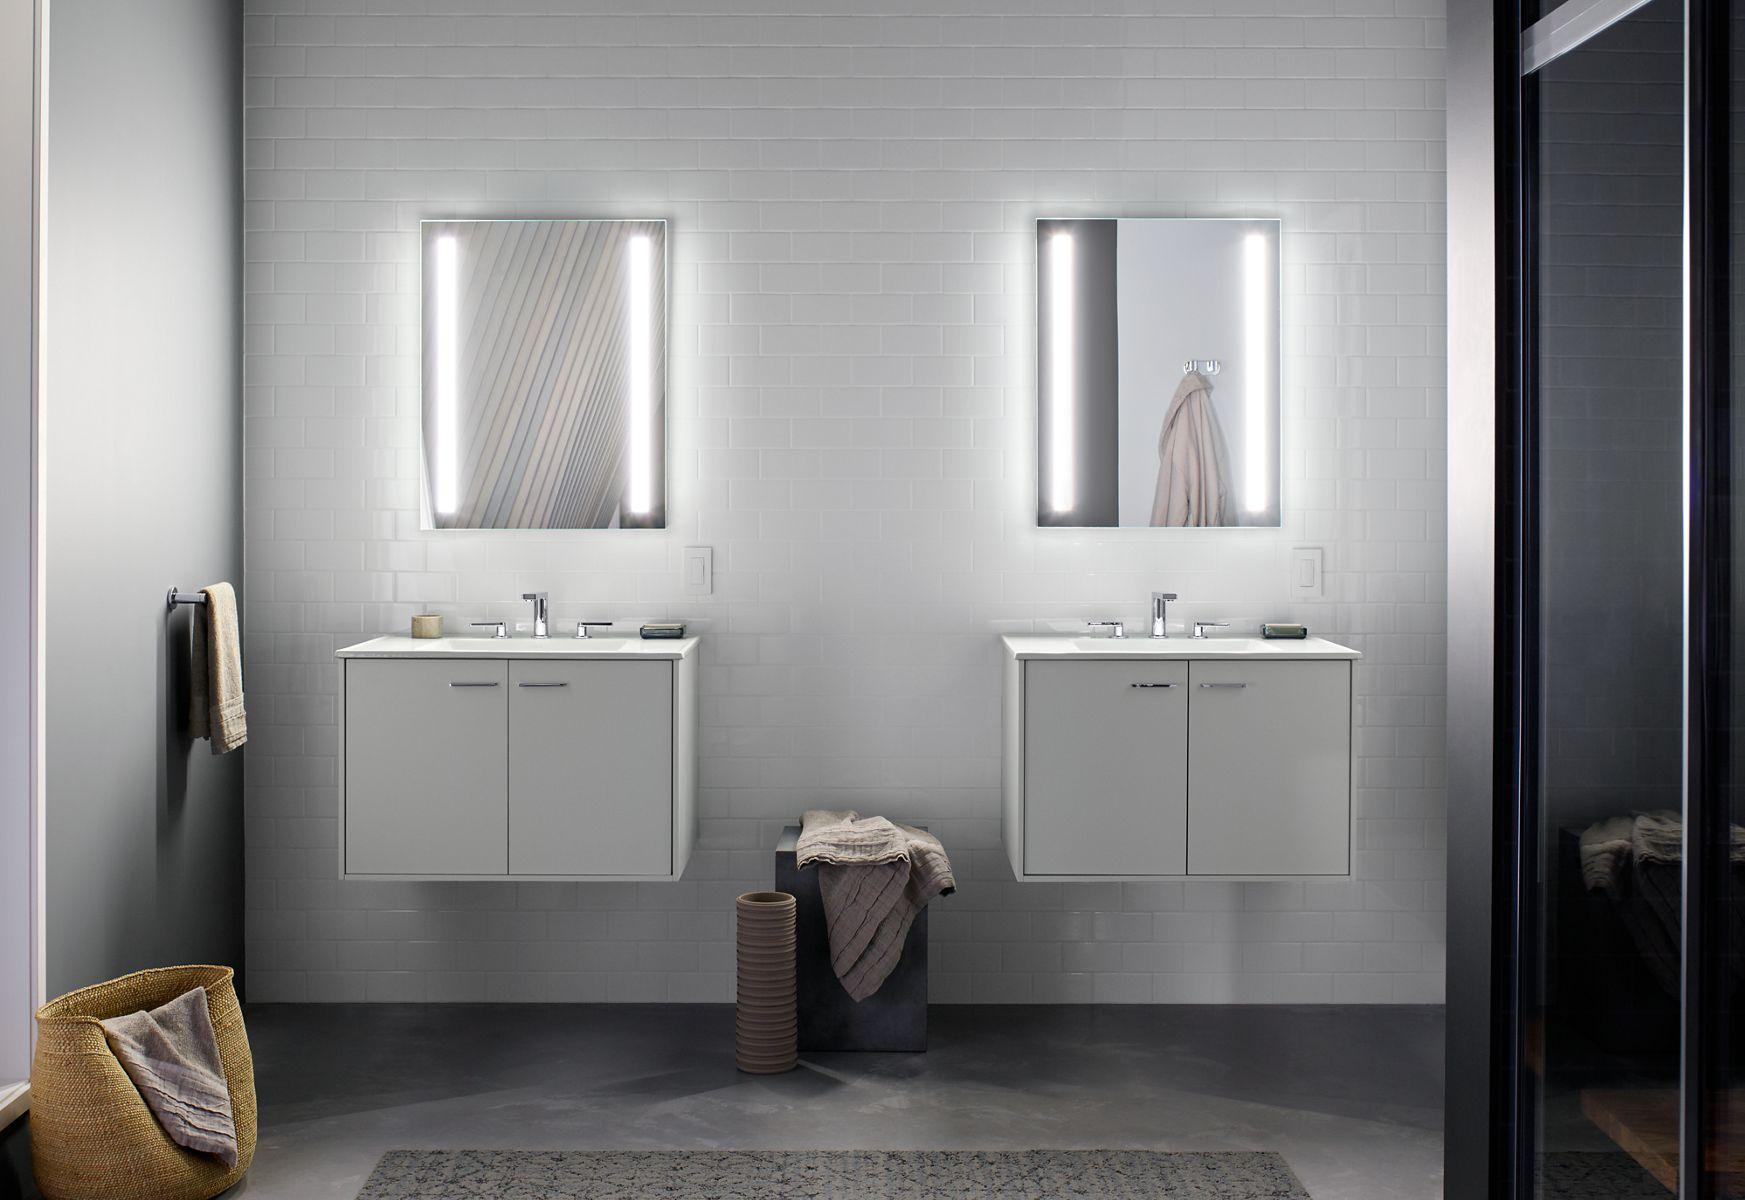 bathroom medicine cabinets other furniture storage solution kohler rh us kohler com  bathroom medicine cabinets with mirrors lights and outlet